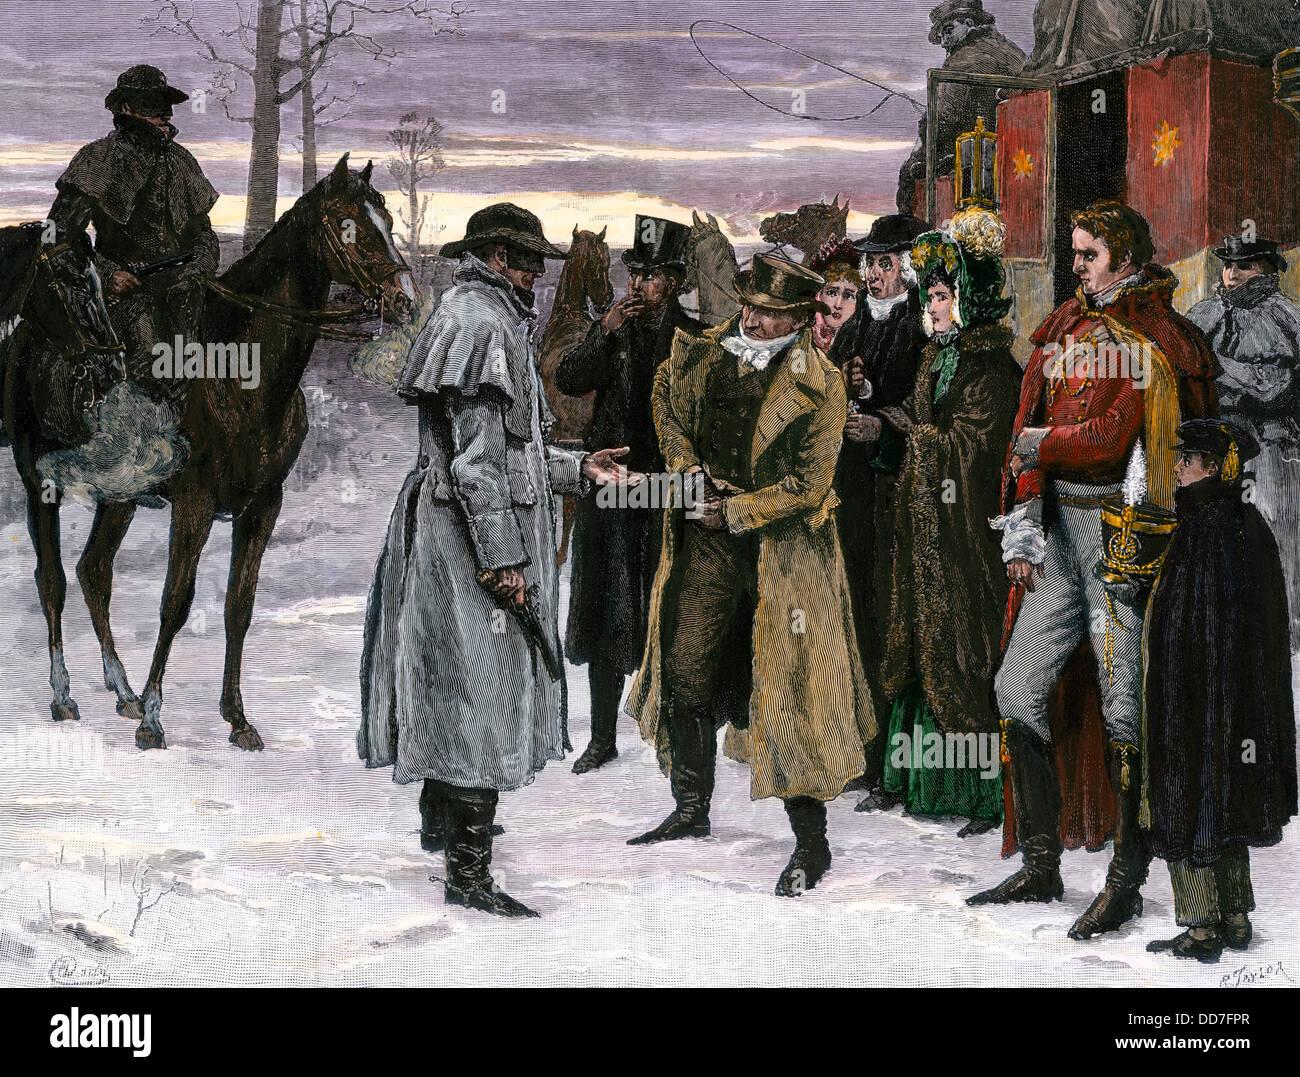 Des bandits de déshabiller stagecoach passagers sur la route du Roi, l'Angleterre, années 1700. Photo Stock